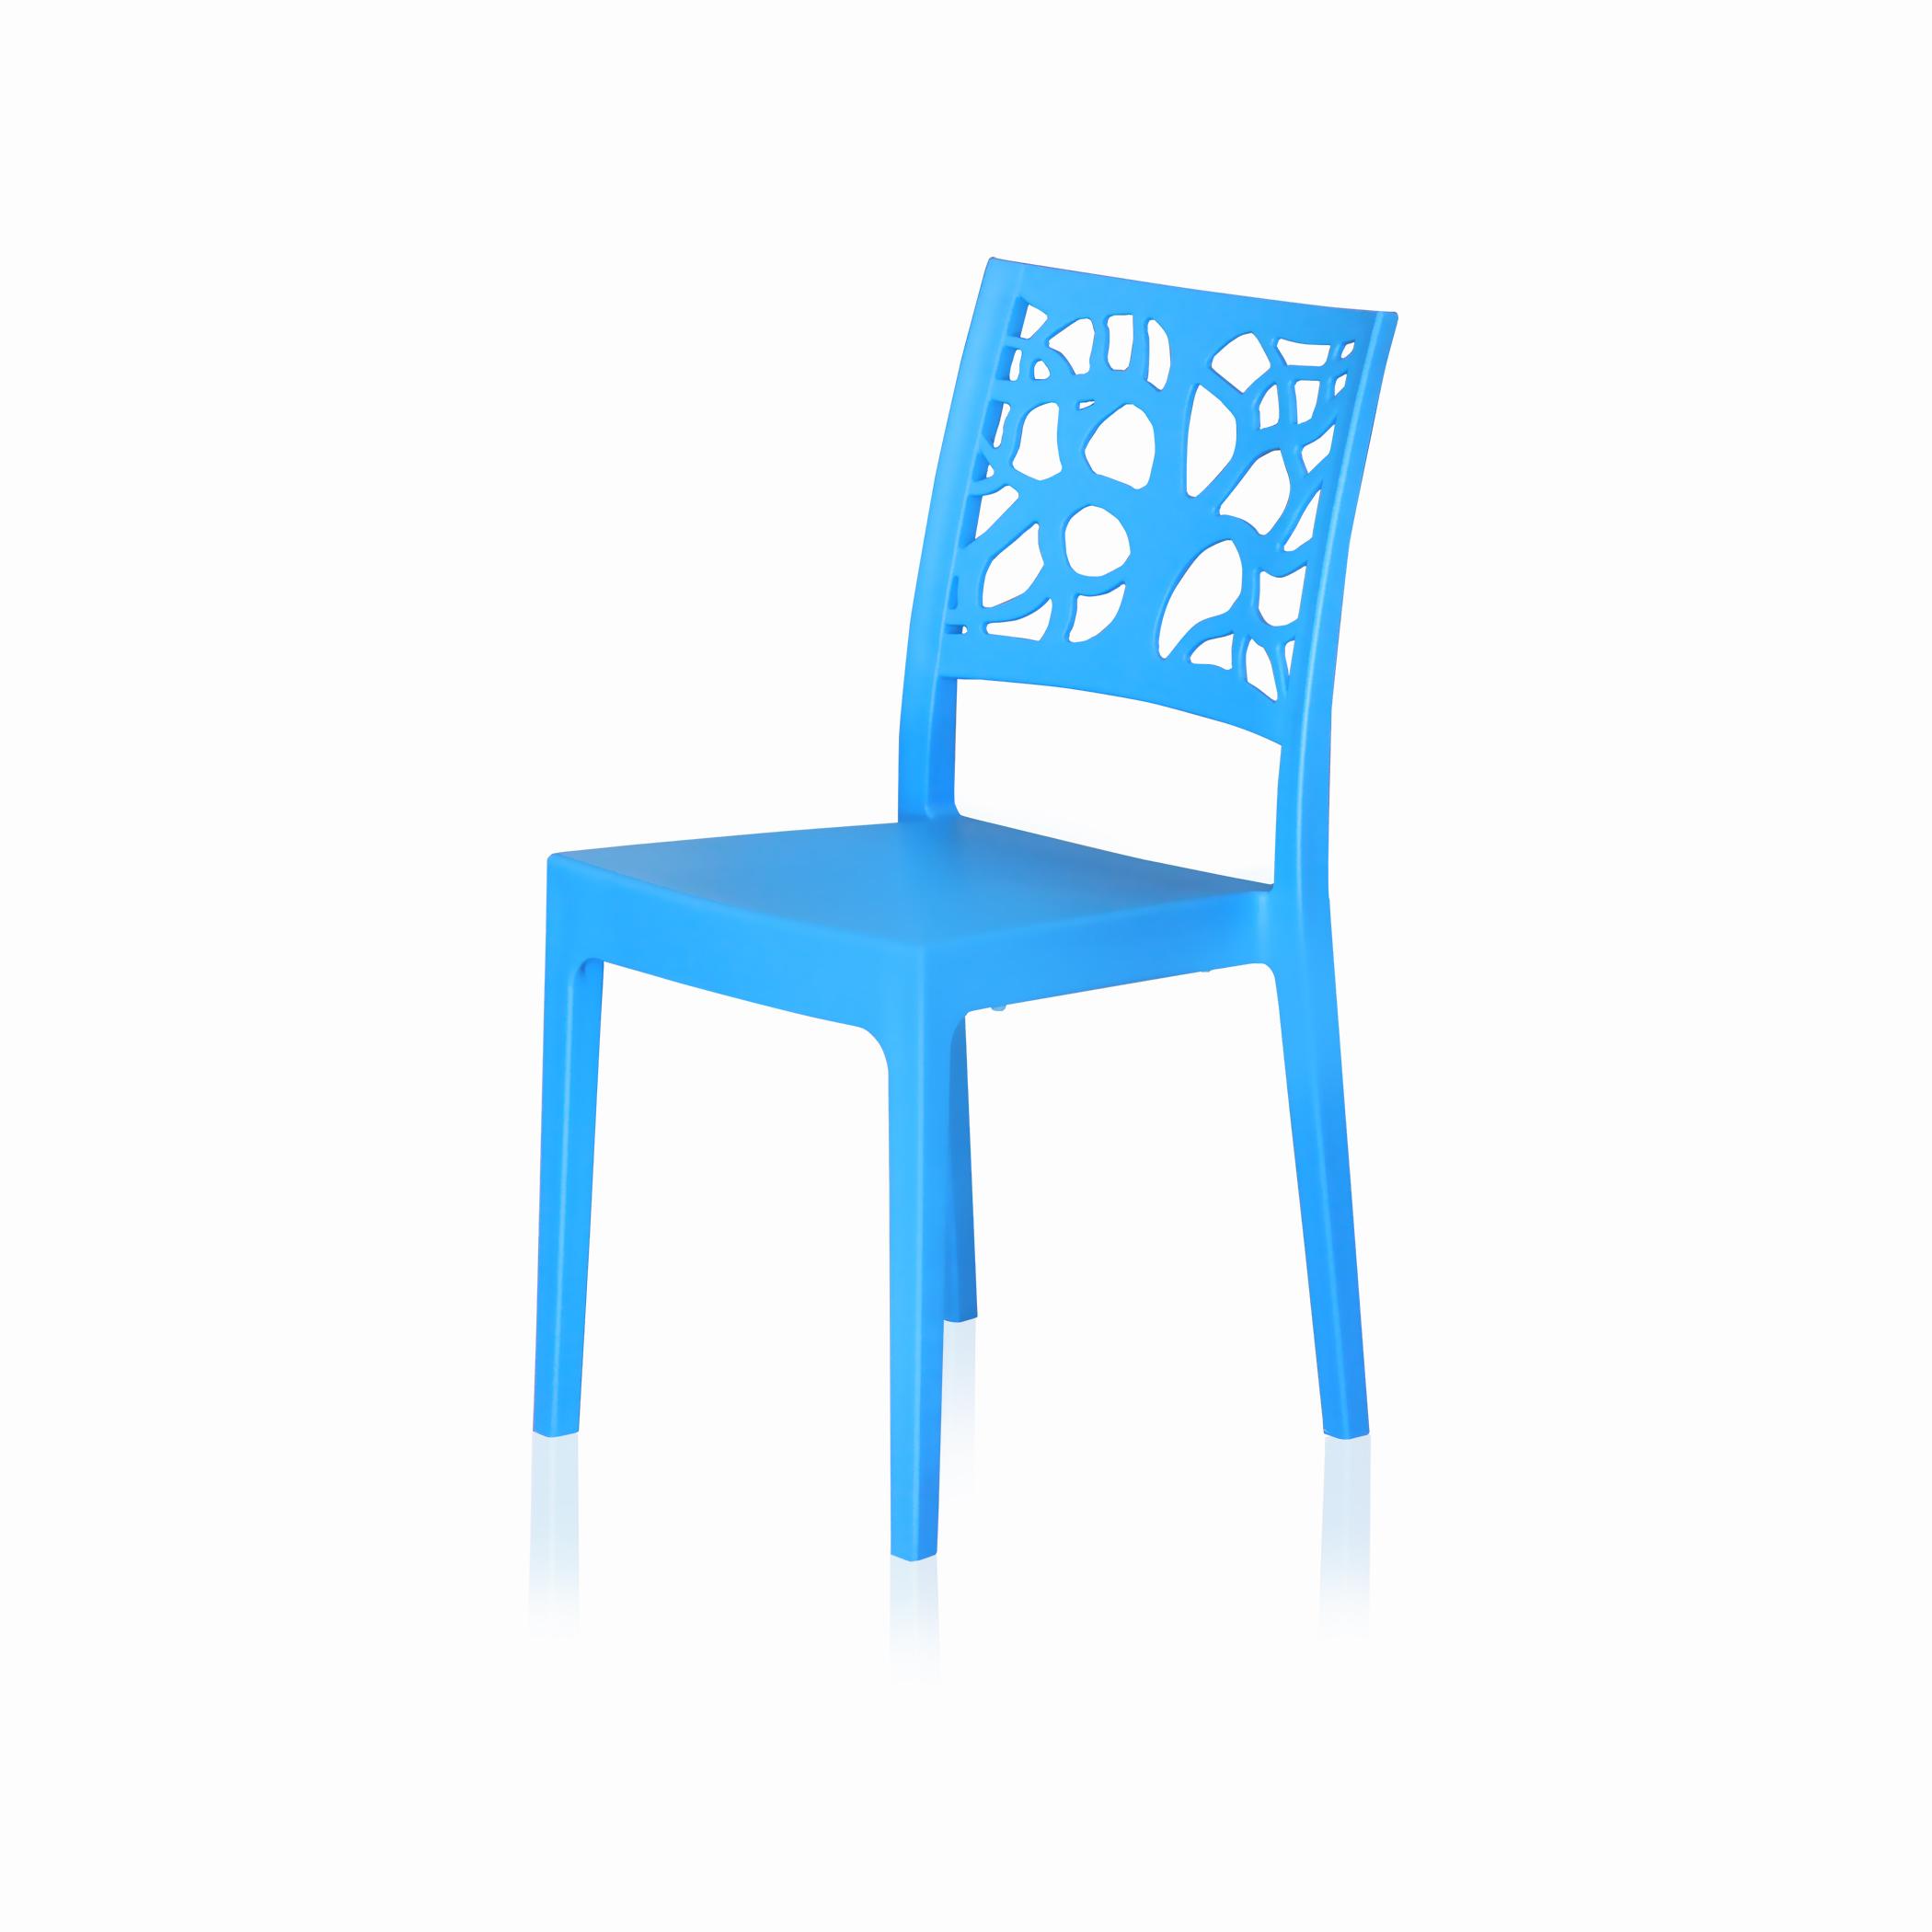 Teti in resina blu pastello (2 pezzi).